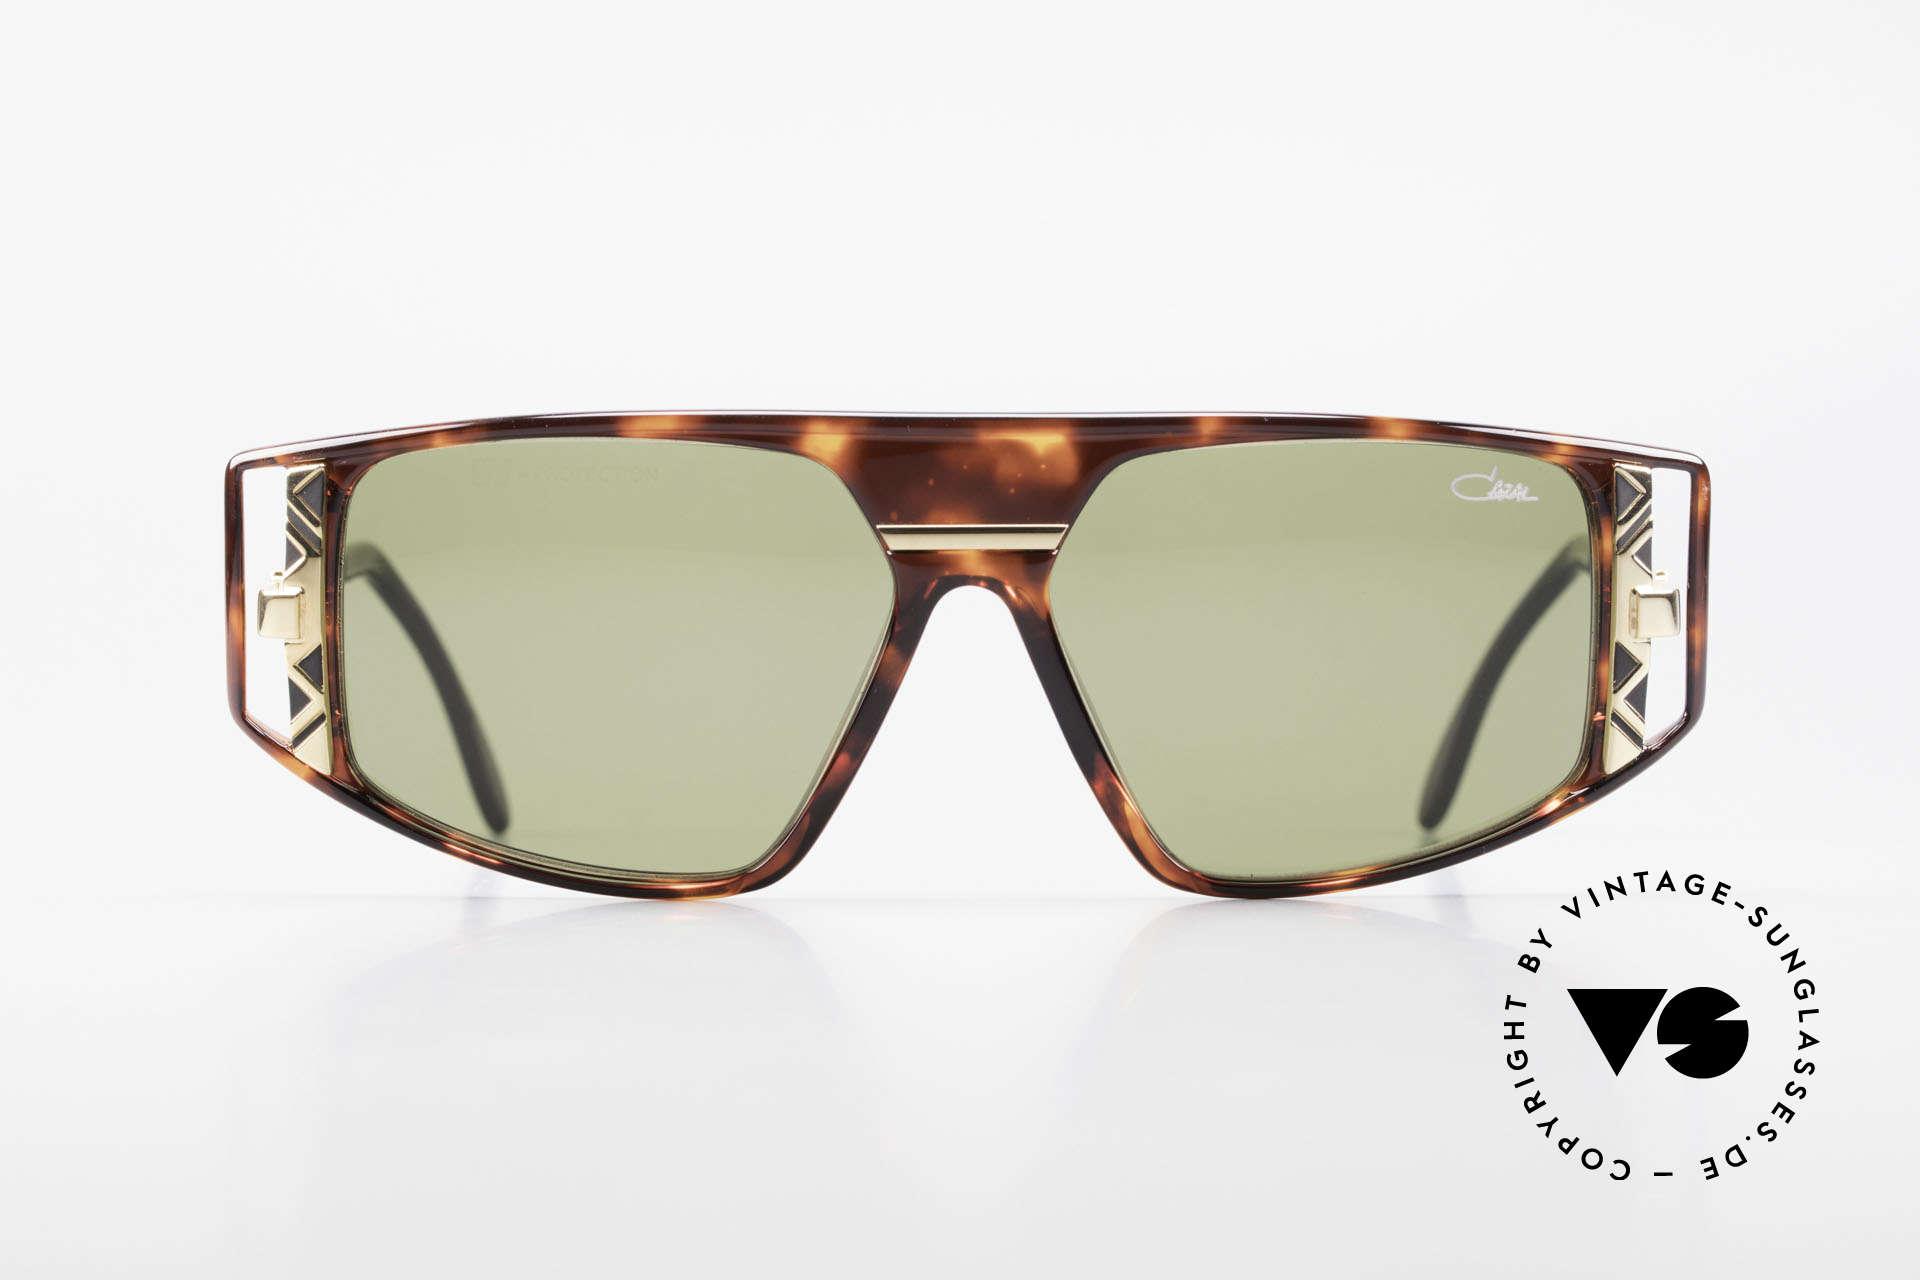 Cazal 874 1990er Unisex Designerbrille, legendäre Cazal DesignerSonnenbrille von 1993/94, Passend für Herren und Damen